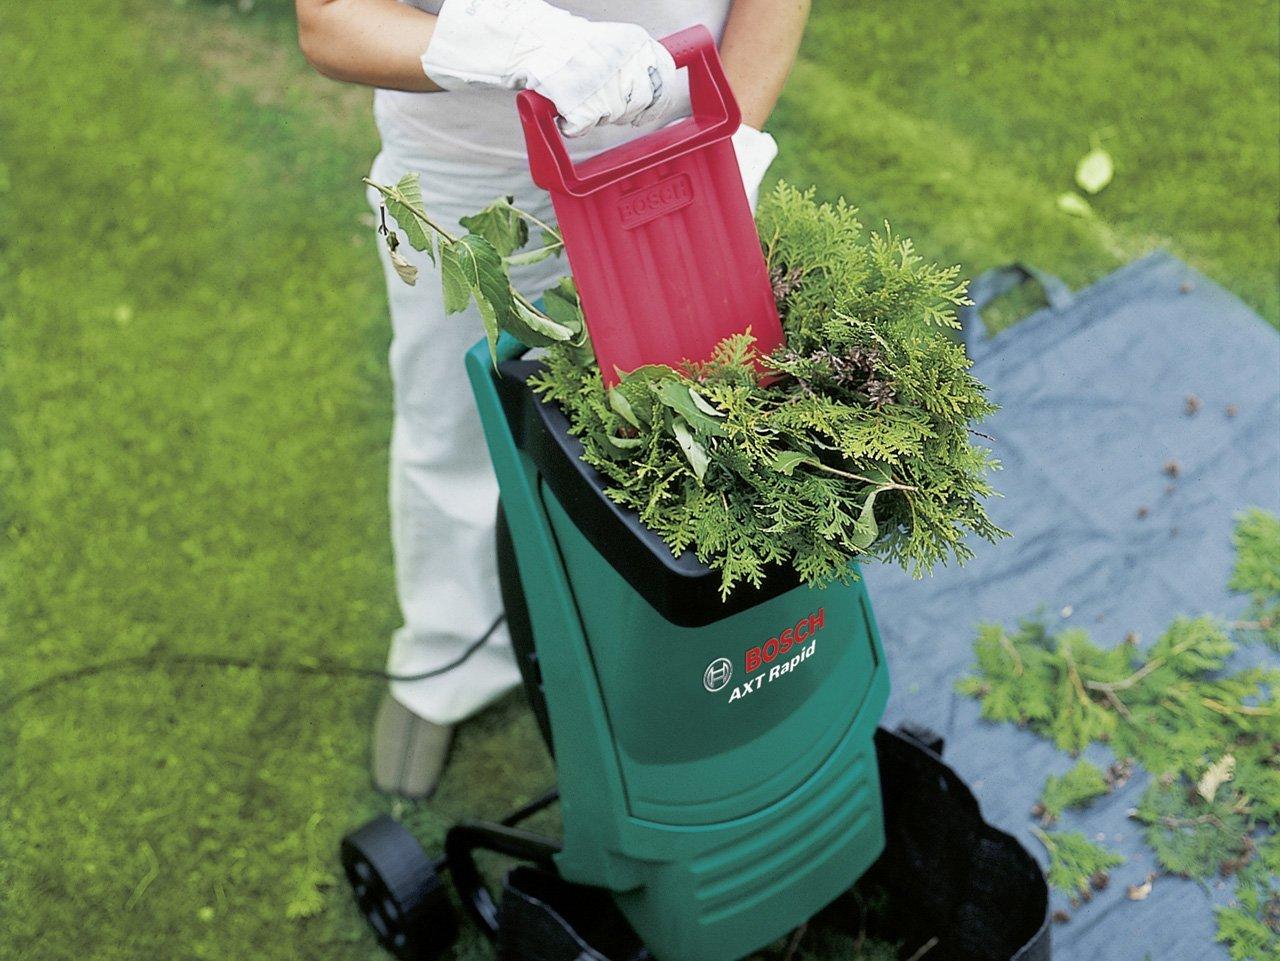 Le broyeur de végétaux Bosch AXT Rapid 2000